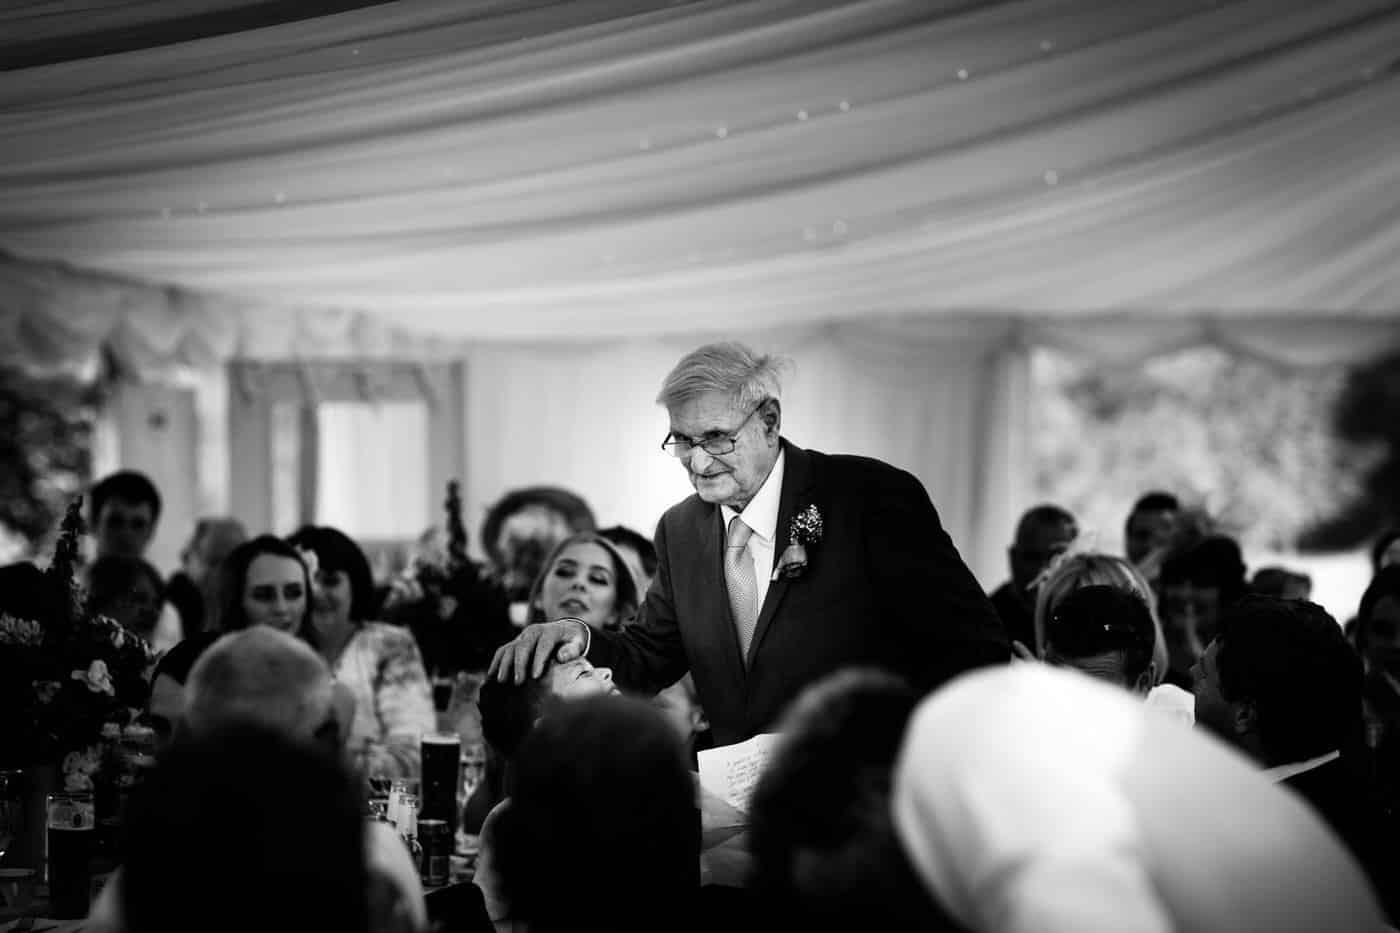 SG NORTH WALES WEDDING 1052